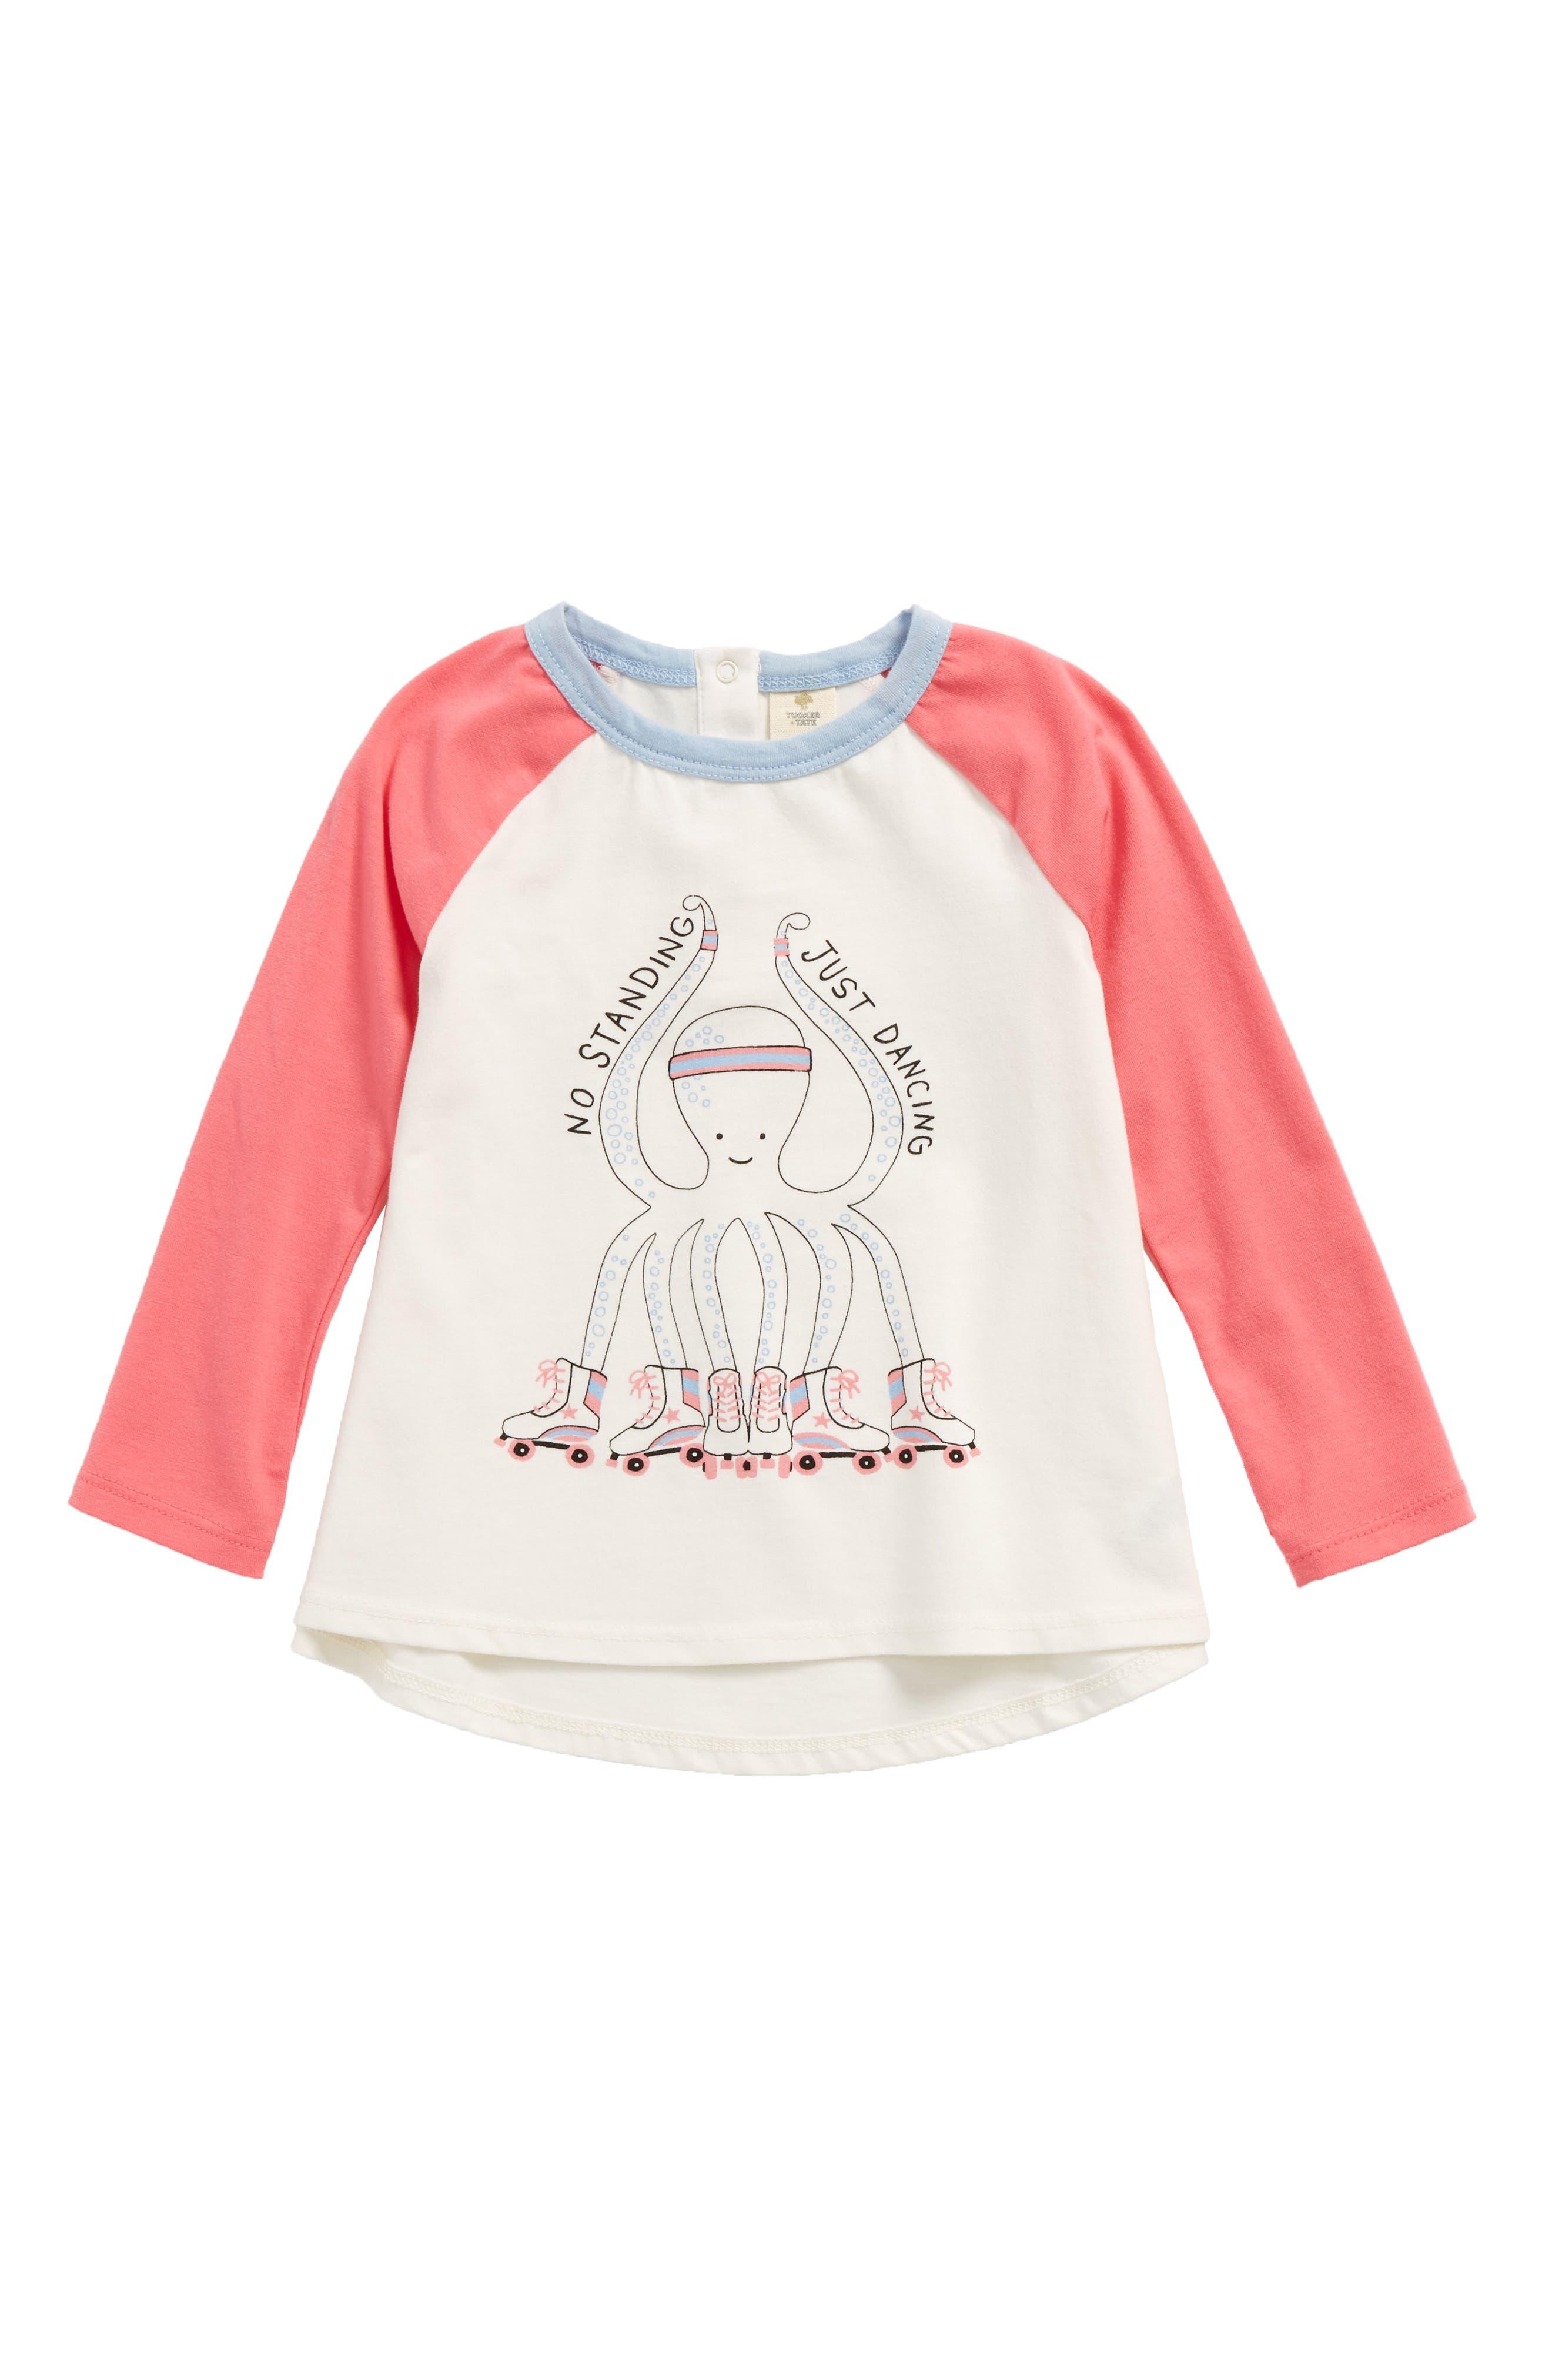 Tucker + Tate Graphic Raglan Tee (Baby Girls)